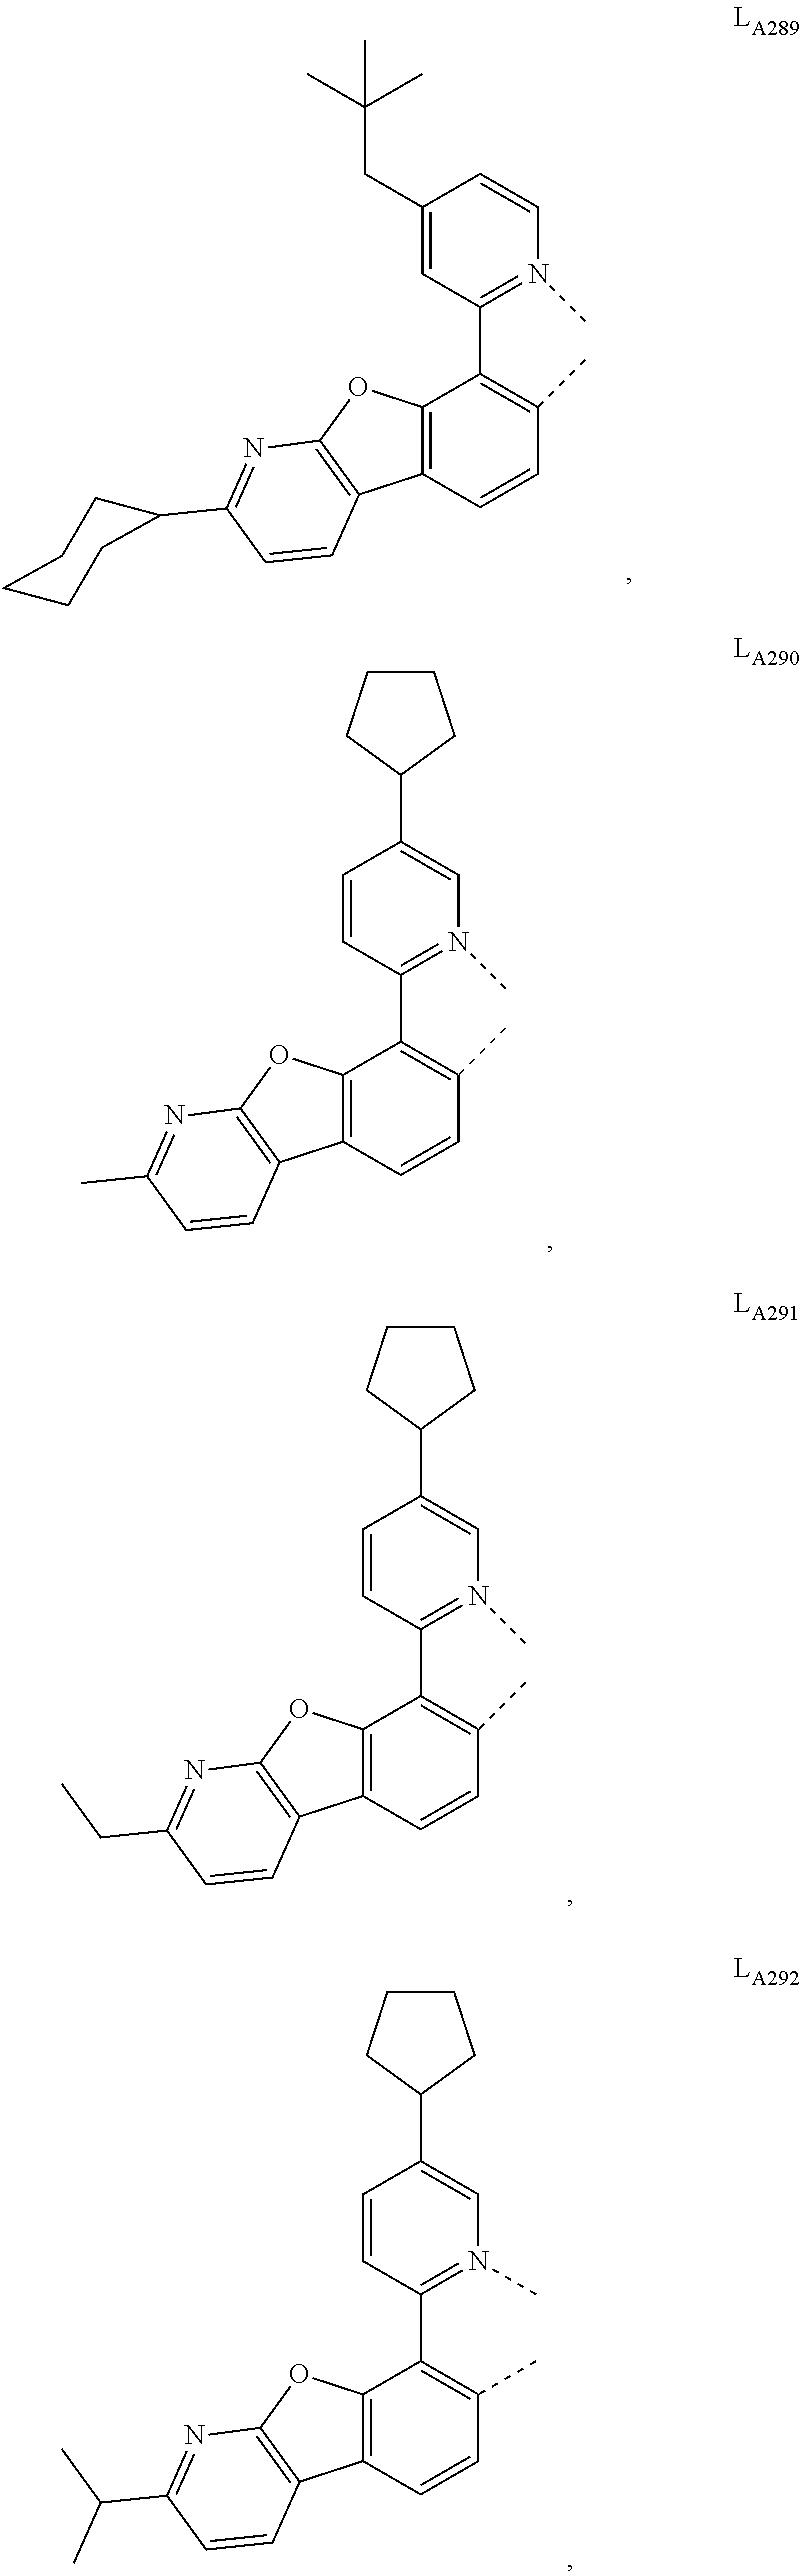 Figure US20160049599A1-20160218-C00461